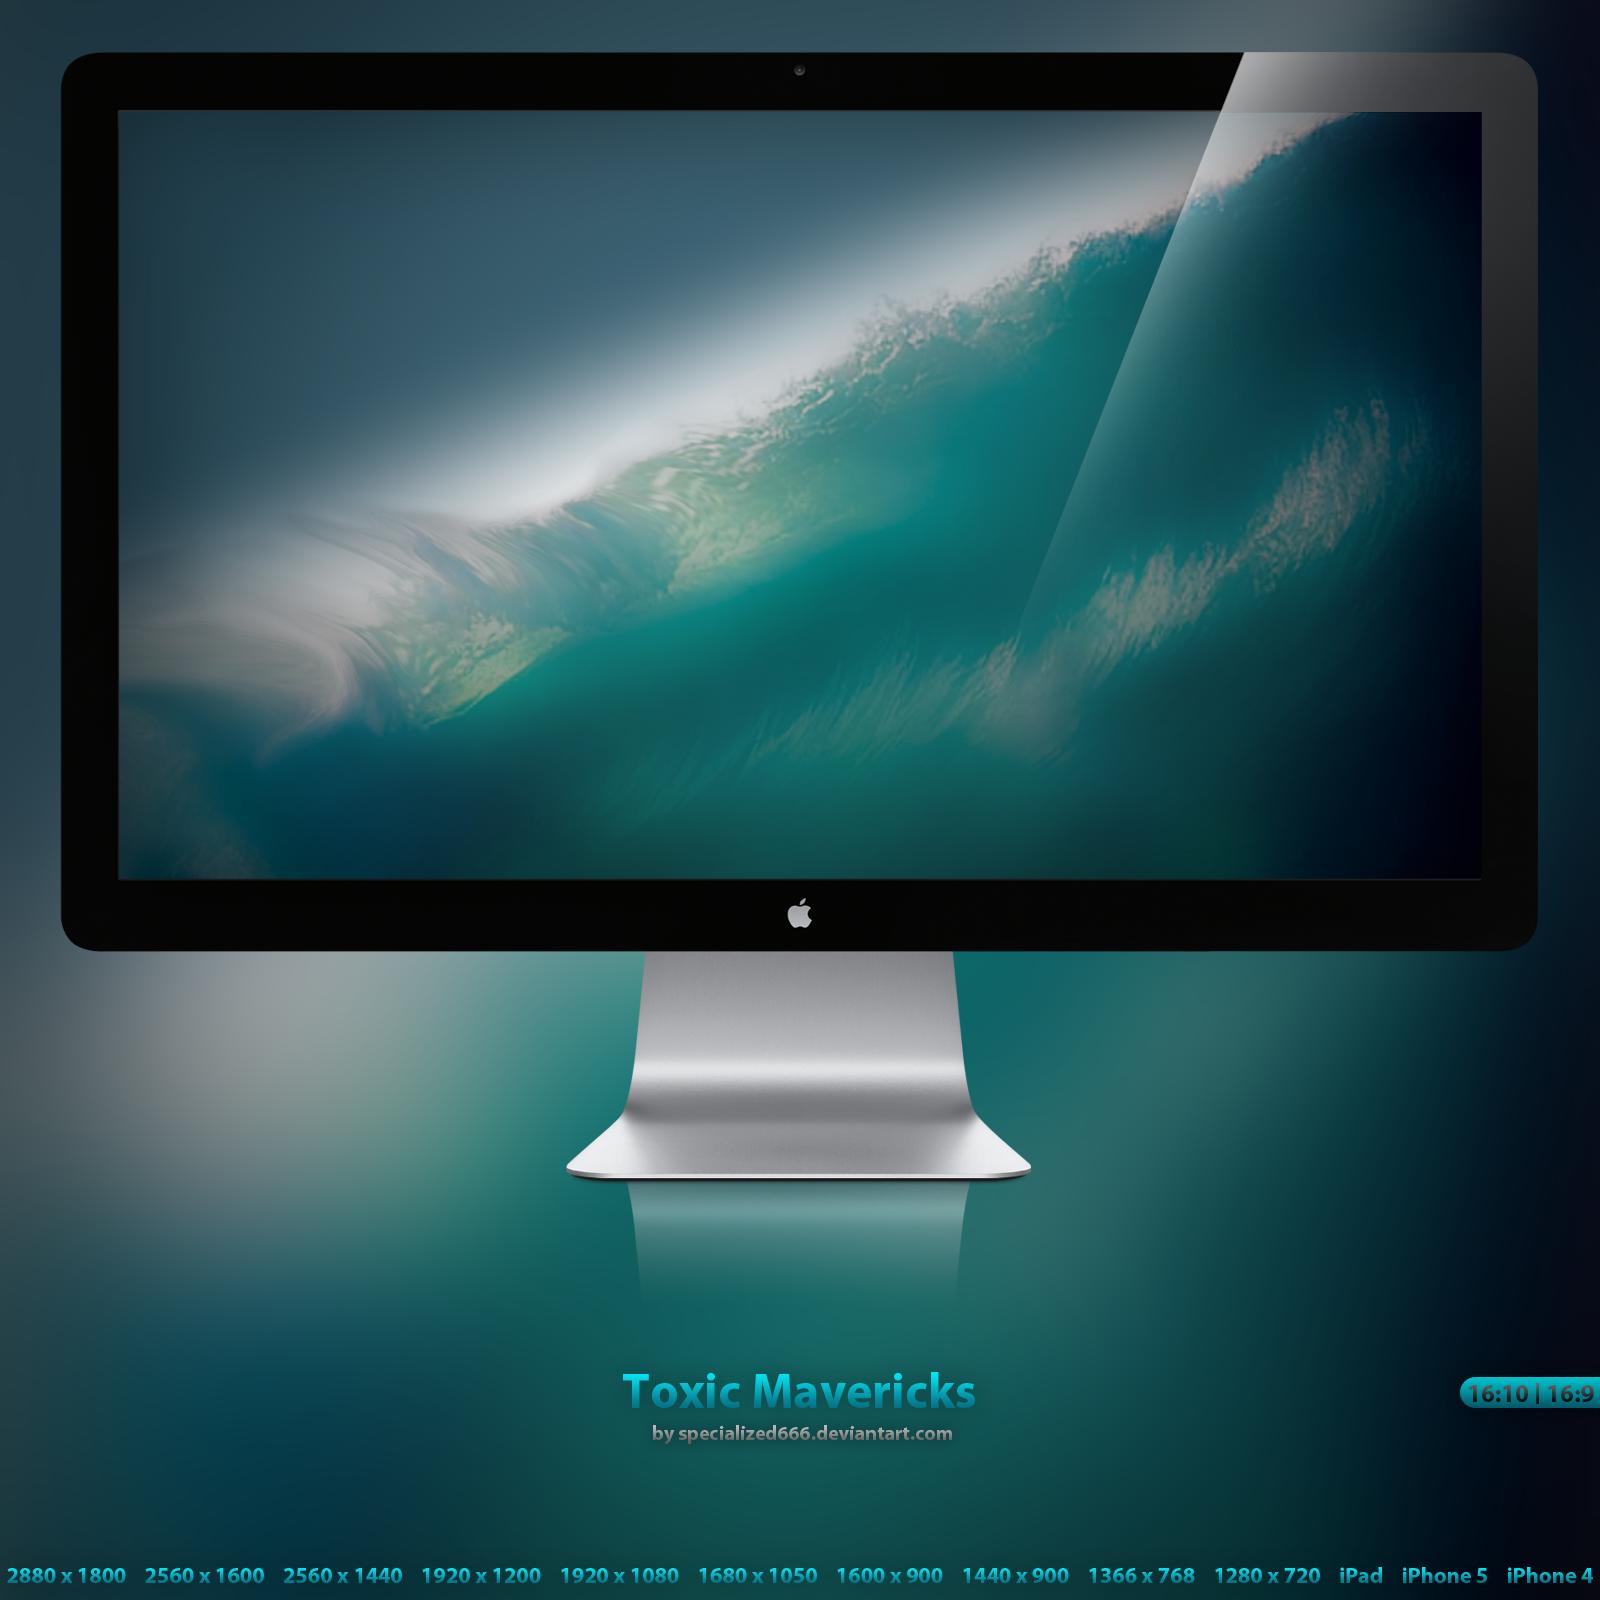 Mac Os X Mavericks Wallpapers